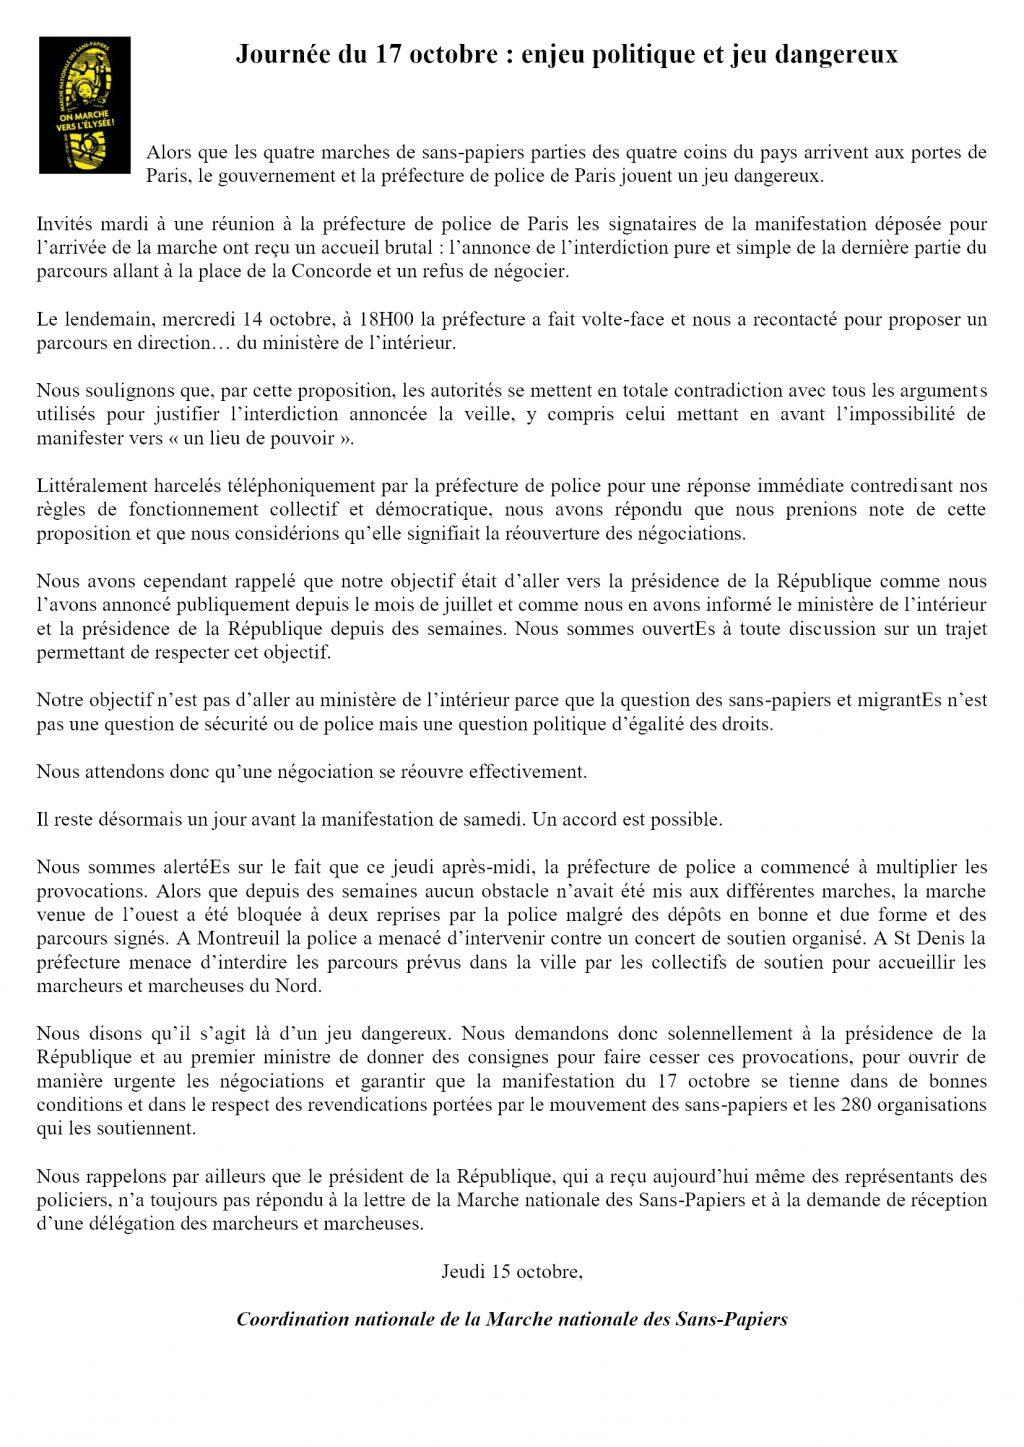 ComPress Marche nationale des Sans-Papiers 2020-10-15 (2)